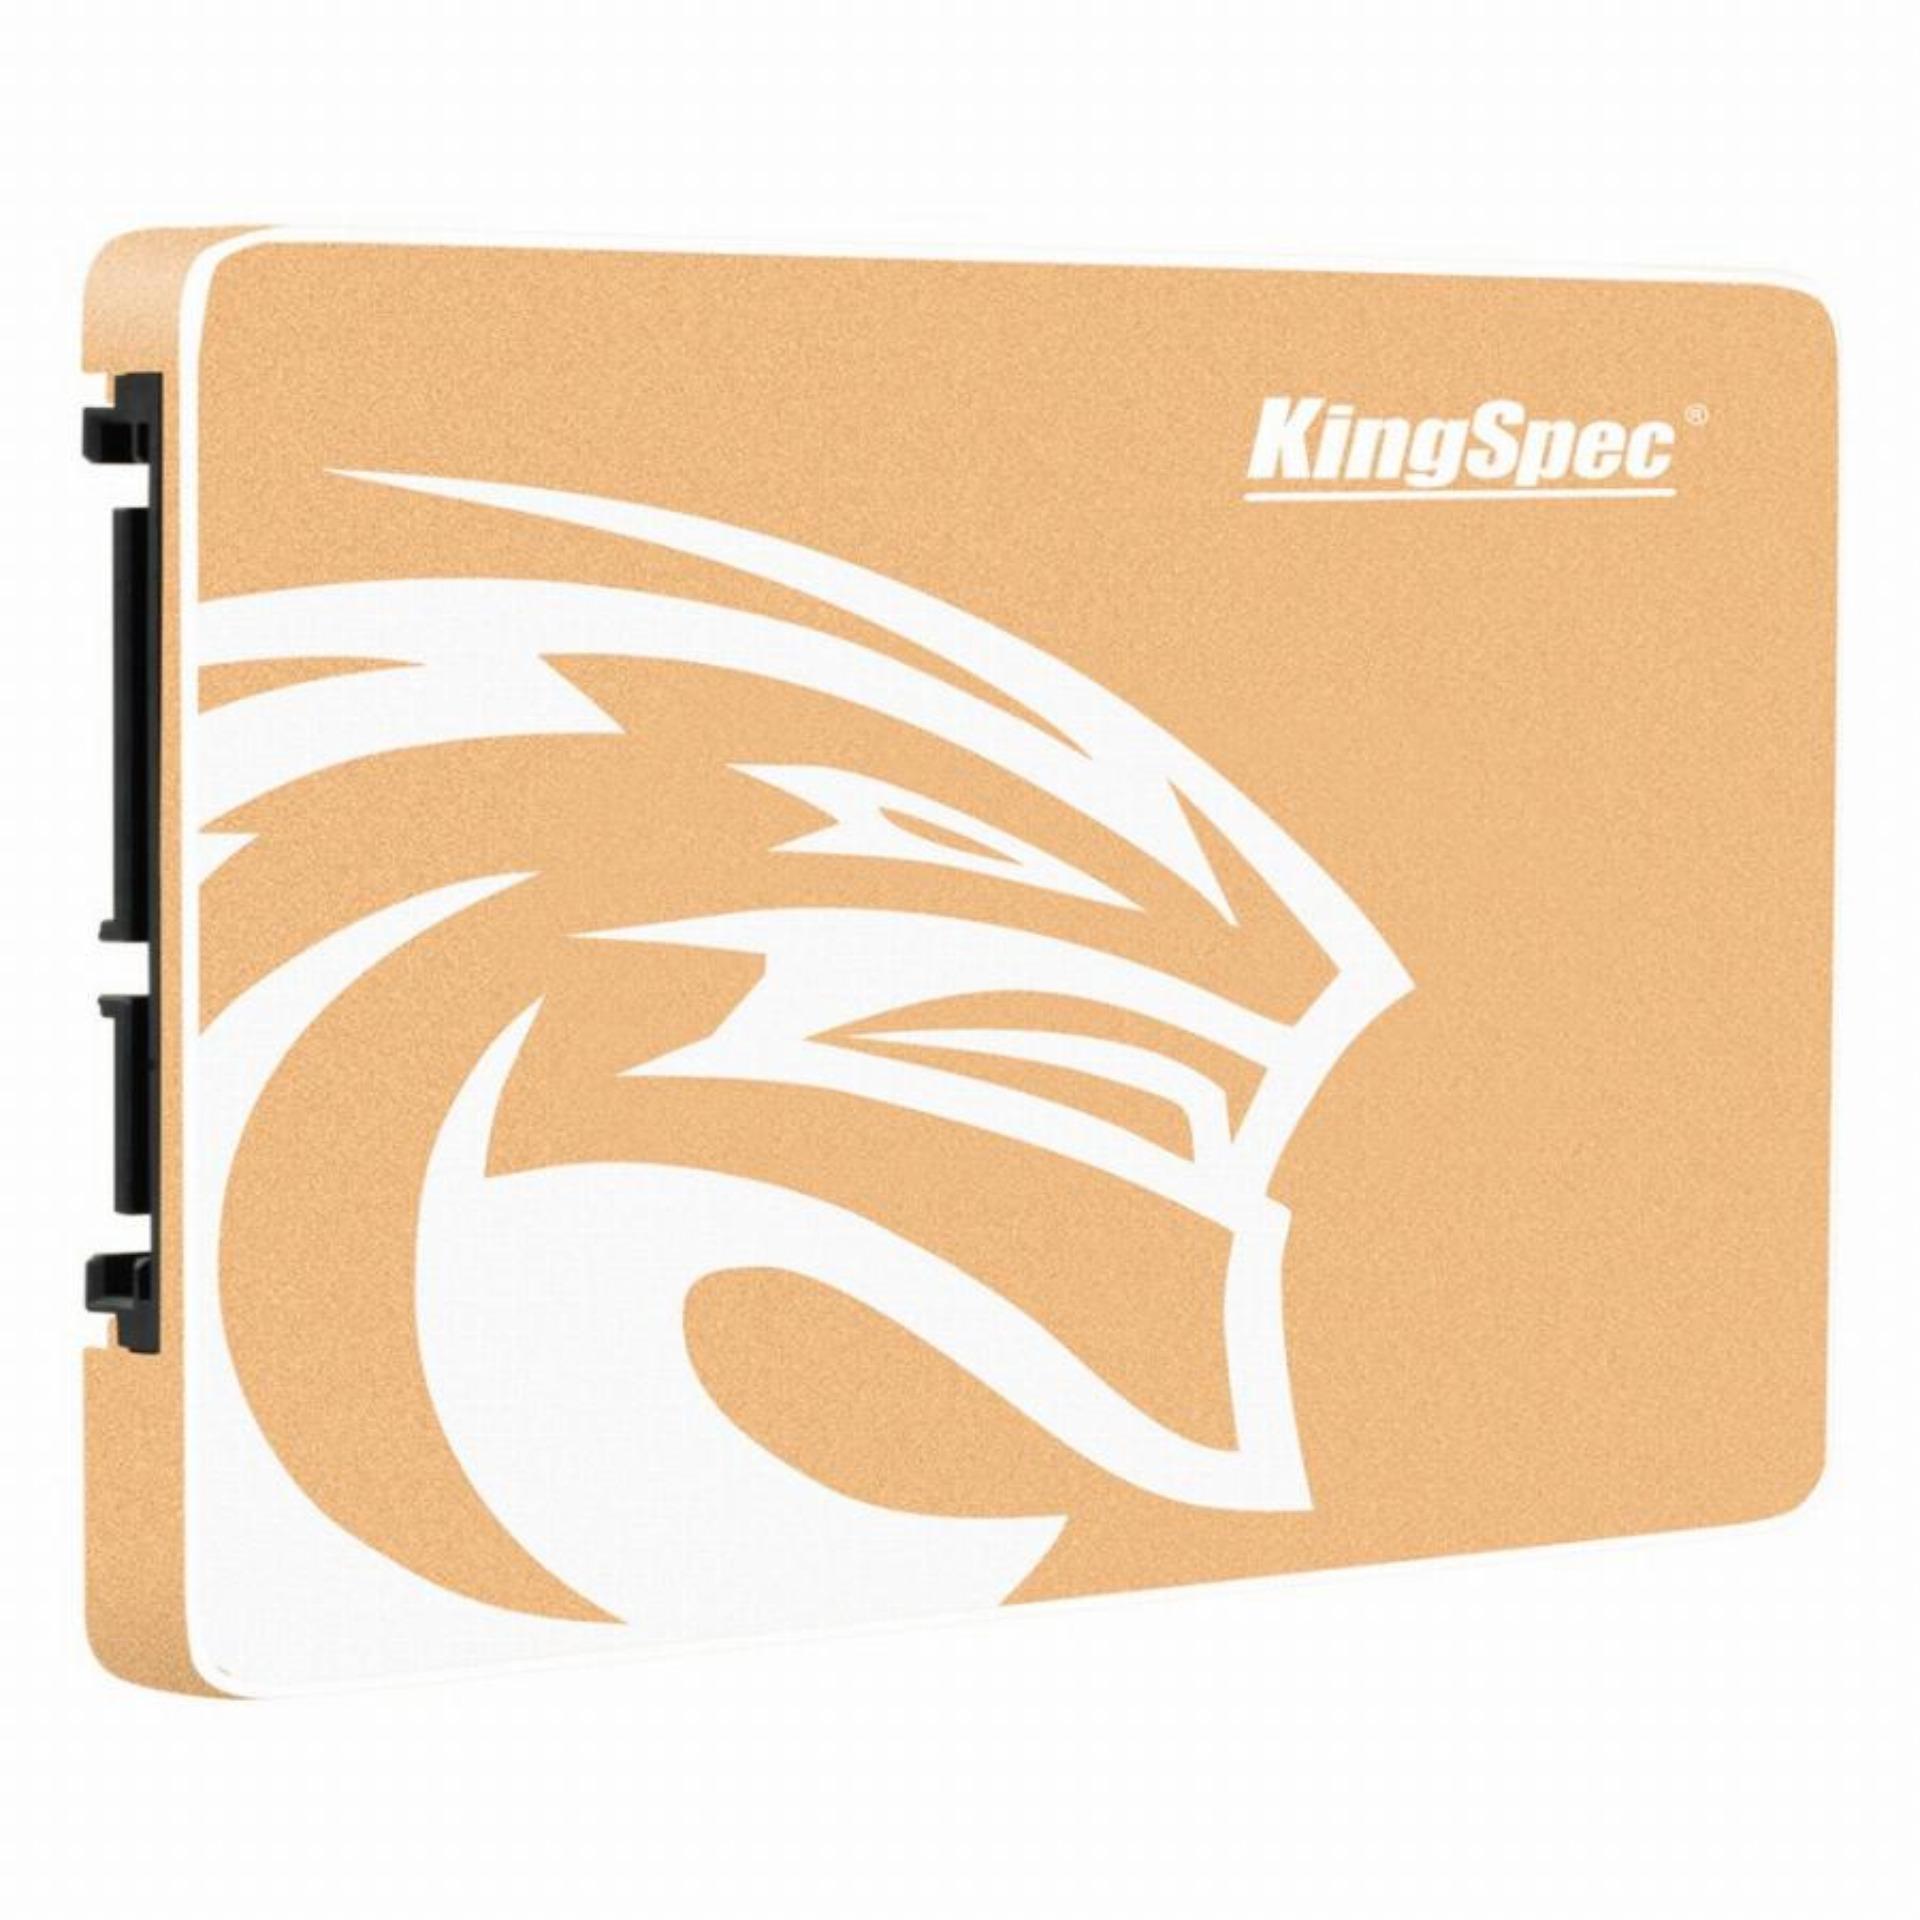 SSD KingSpec 2.5″ P3-128 SATA3 128GB